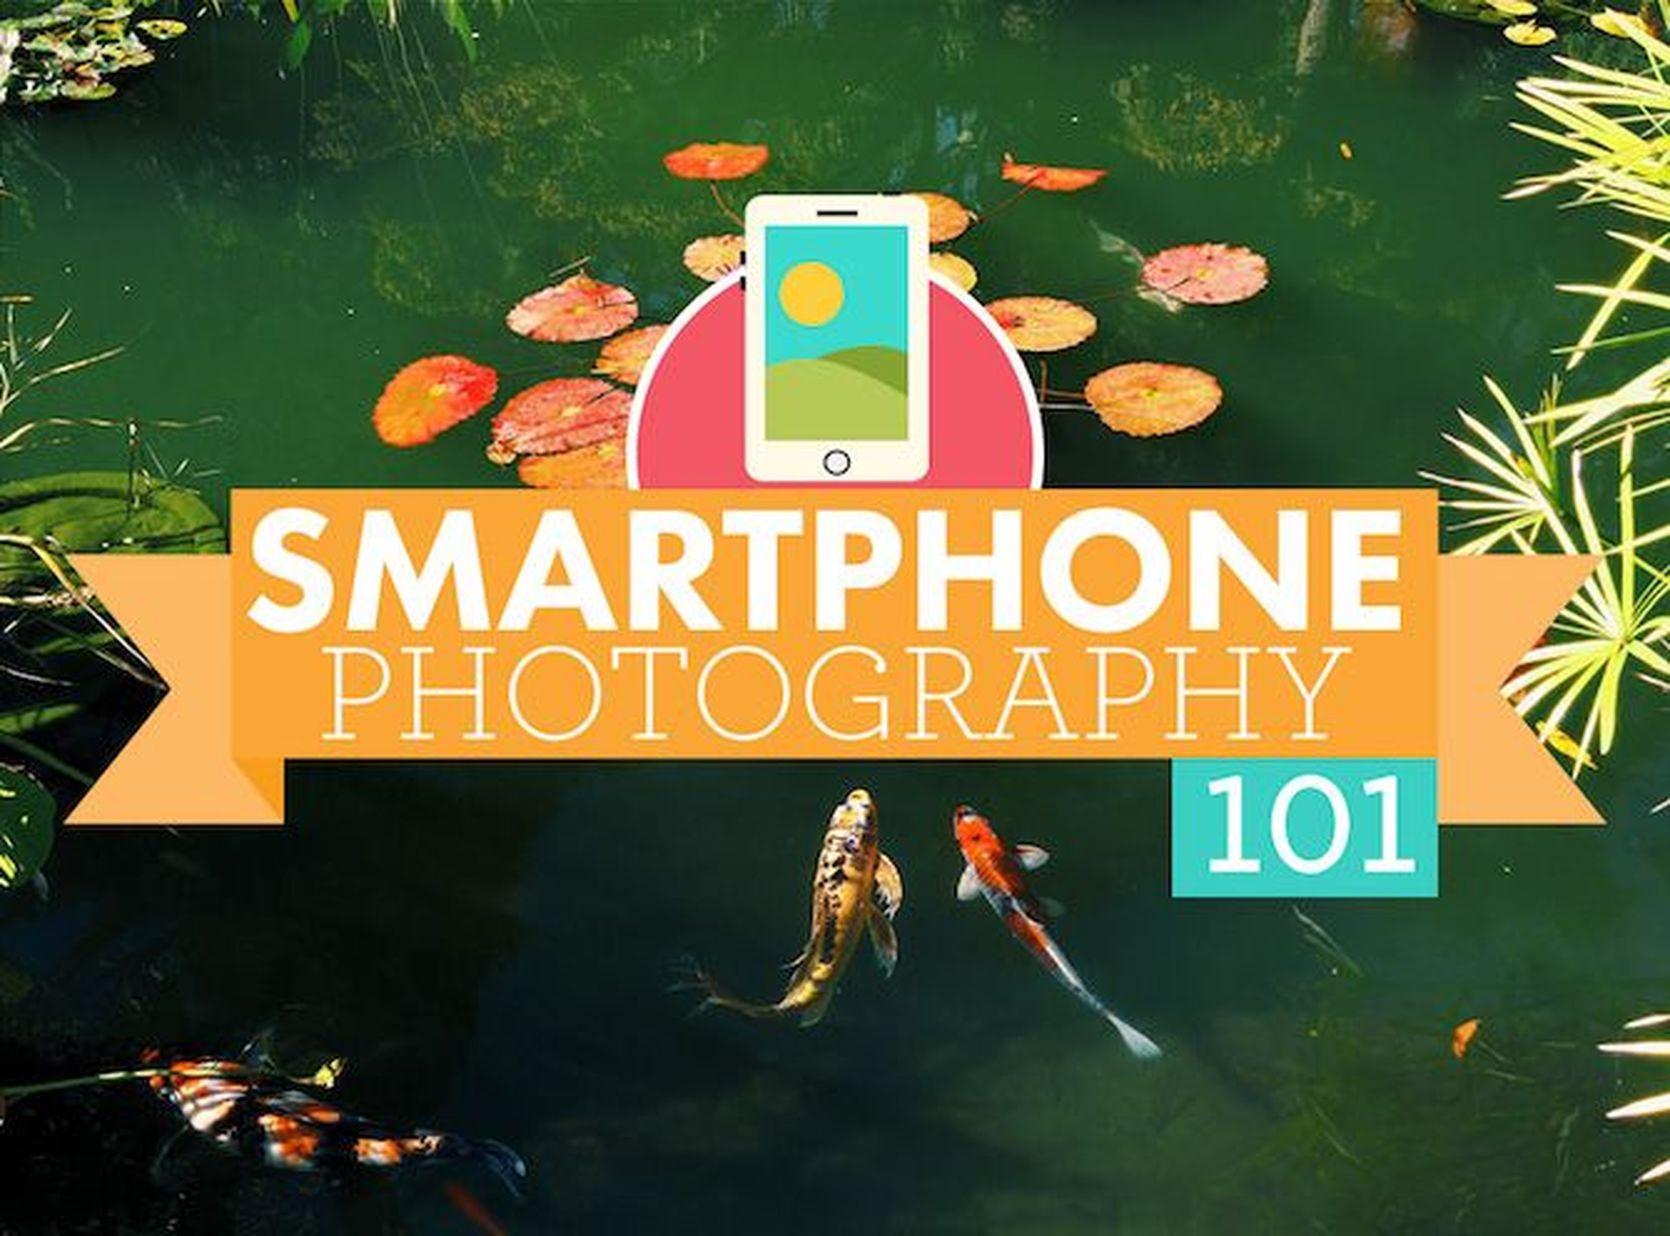 智能手机摄影 101 (Web):适用于任何手机的指南